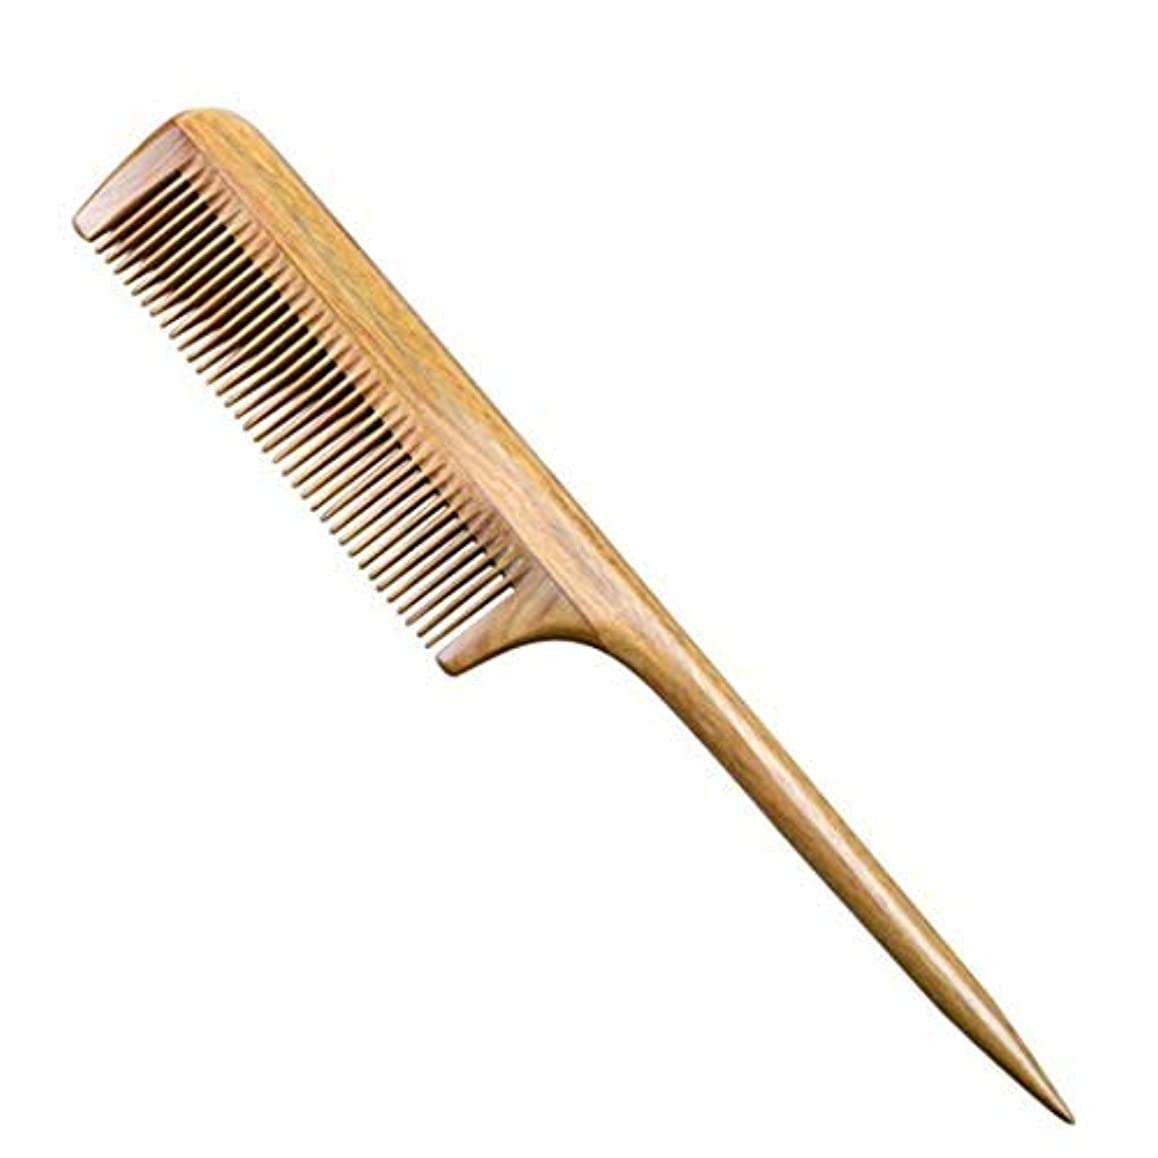 夕暮れファーム指導するRat Tail Hair Comb - Fine Tooth Natural Green Sandalwood Combs with Teasing Tail Handle - No Static Wooden Comb...